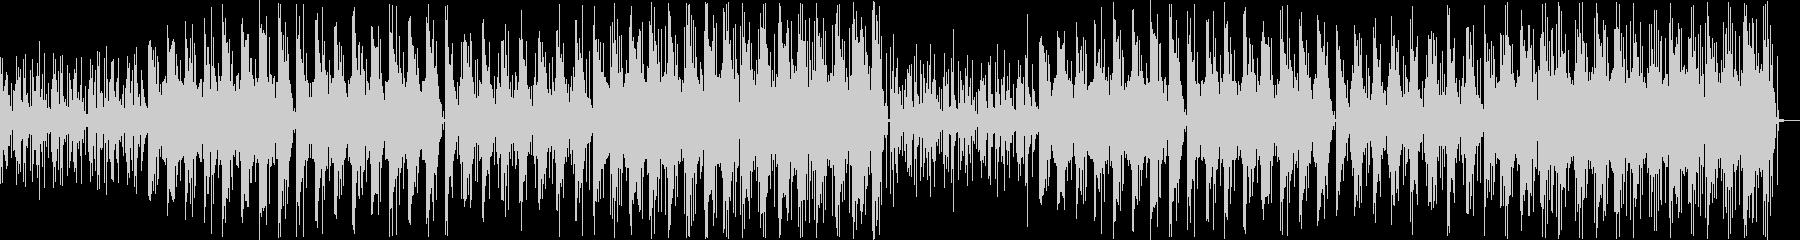 【チル】ゆったりとしたBGM・1の未再生の波形